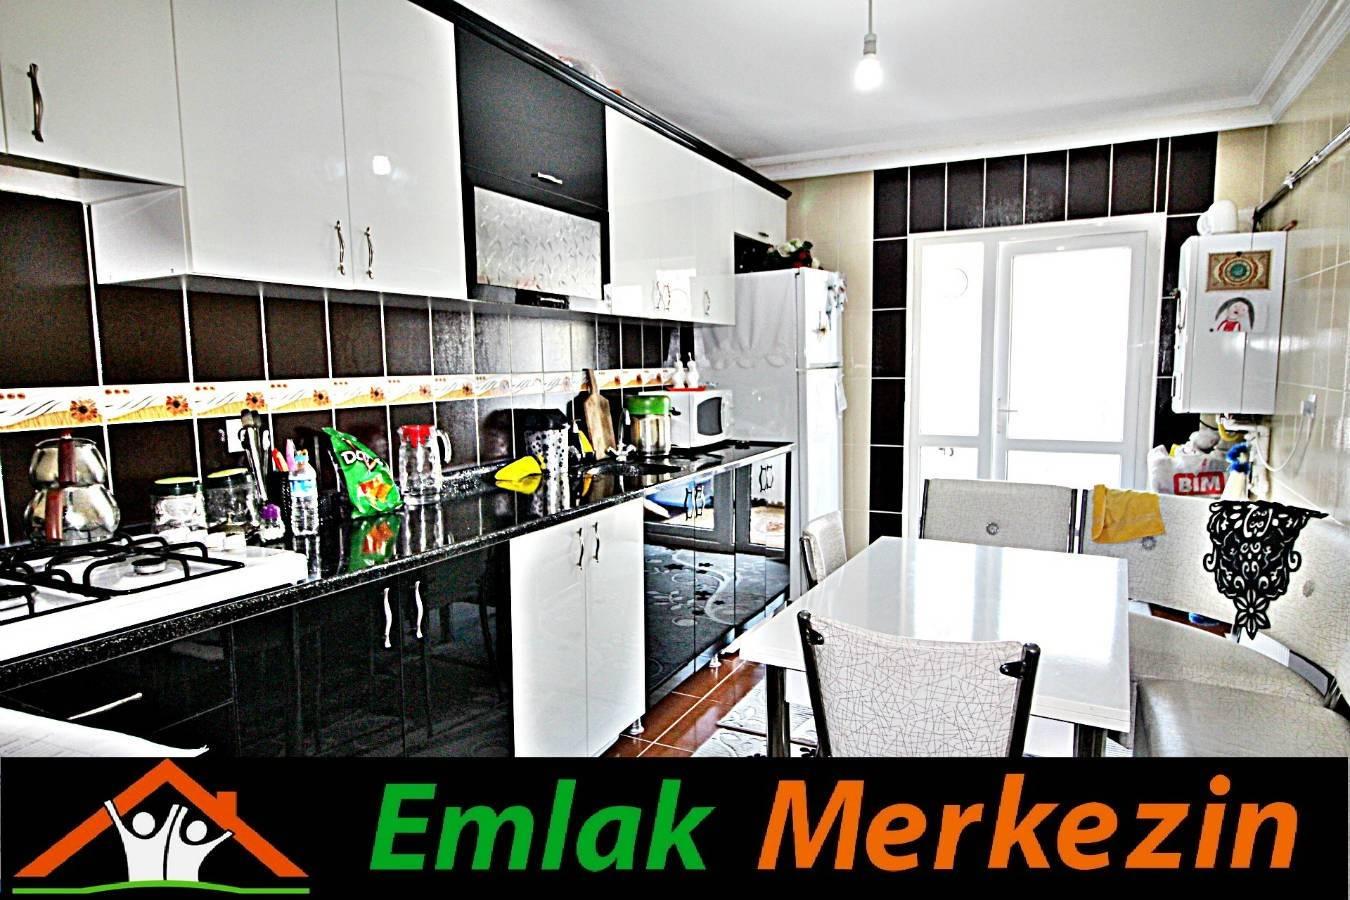 EMLAKMERKEZİN'DEN  ALSANCAK MH.DE 3+1 DUBLEX DAİRE